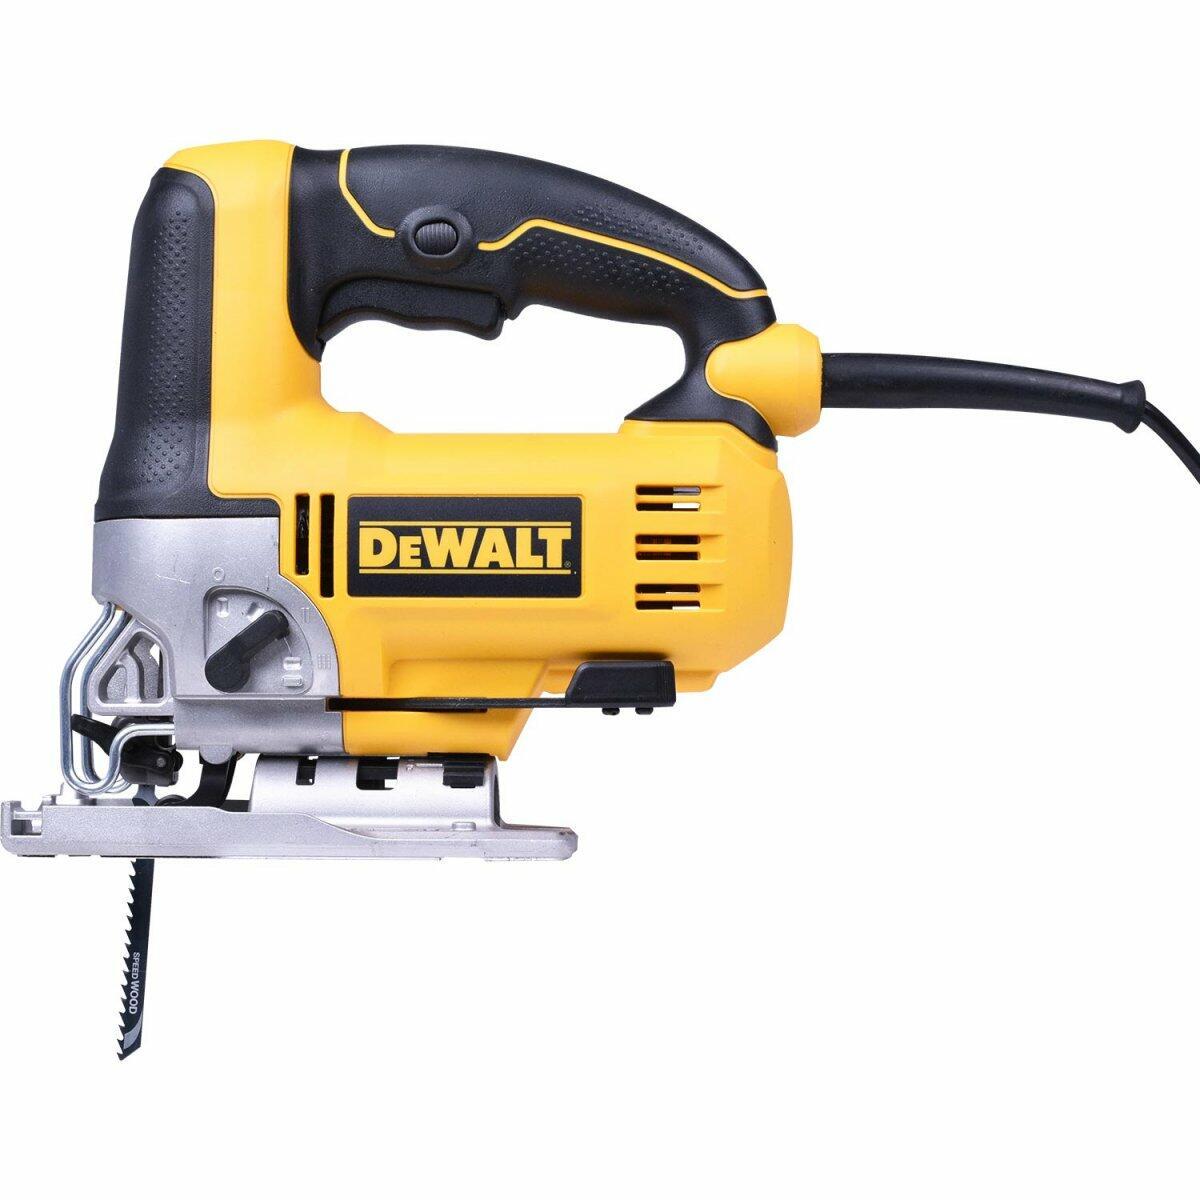 Serra Tico Tico 500W DW300 Dewalt - 220V